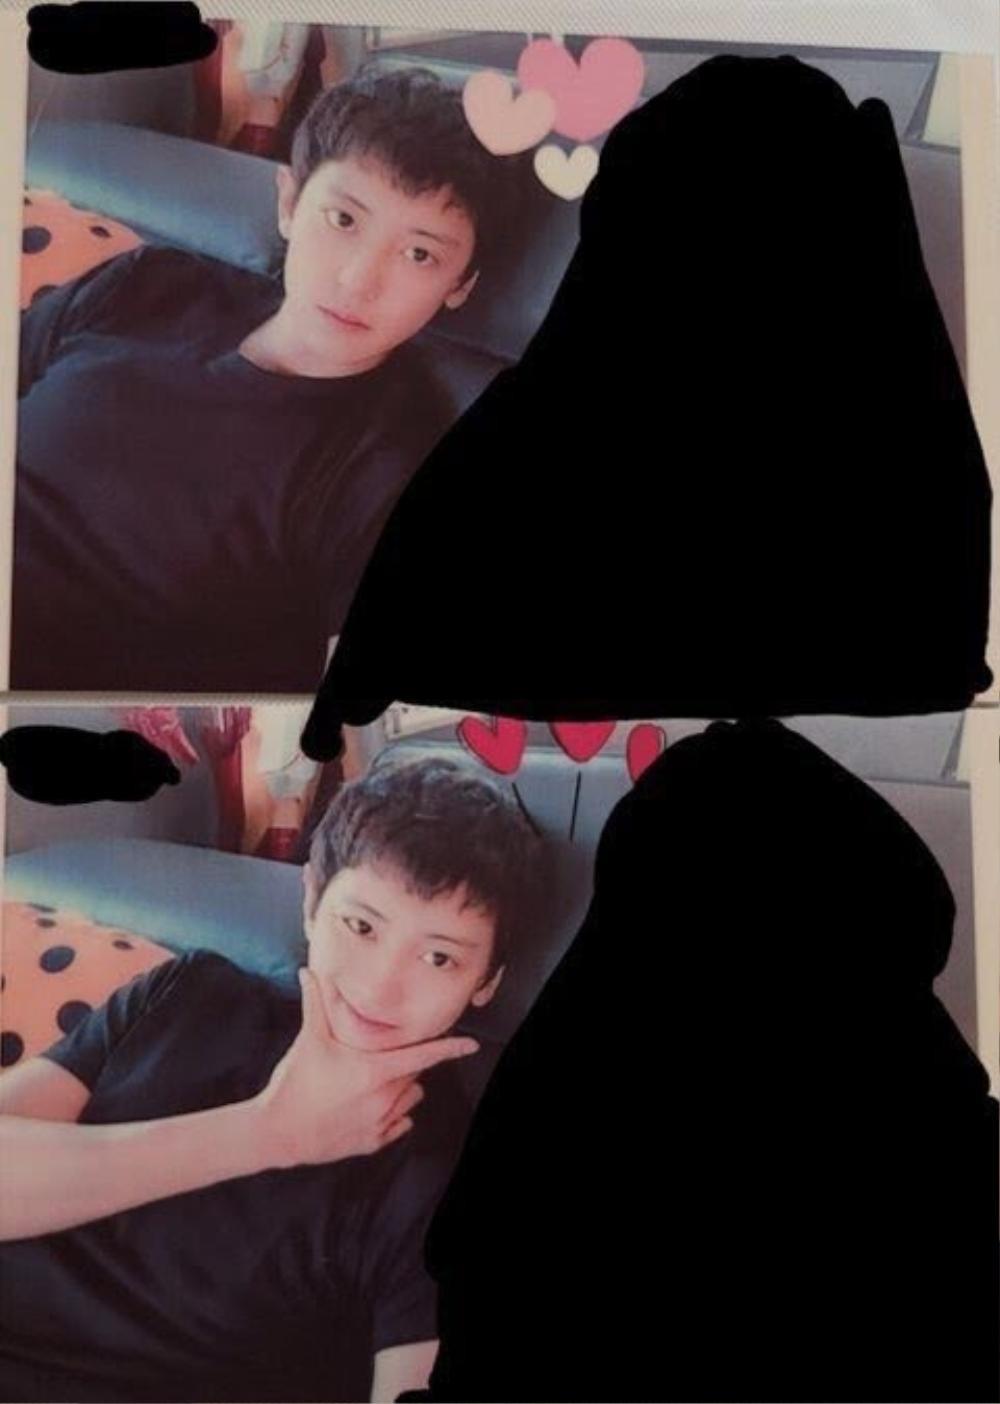 Chấn động Kbiz: Bạn gái cũ tố Chanyeol cắm sừng, ngủ với hơn 10 cô gái và nói xấu thành viên EXO Ảnh 5